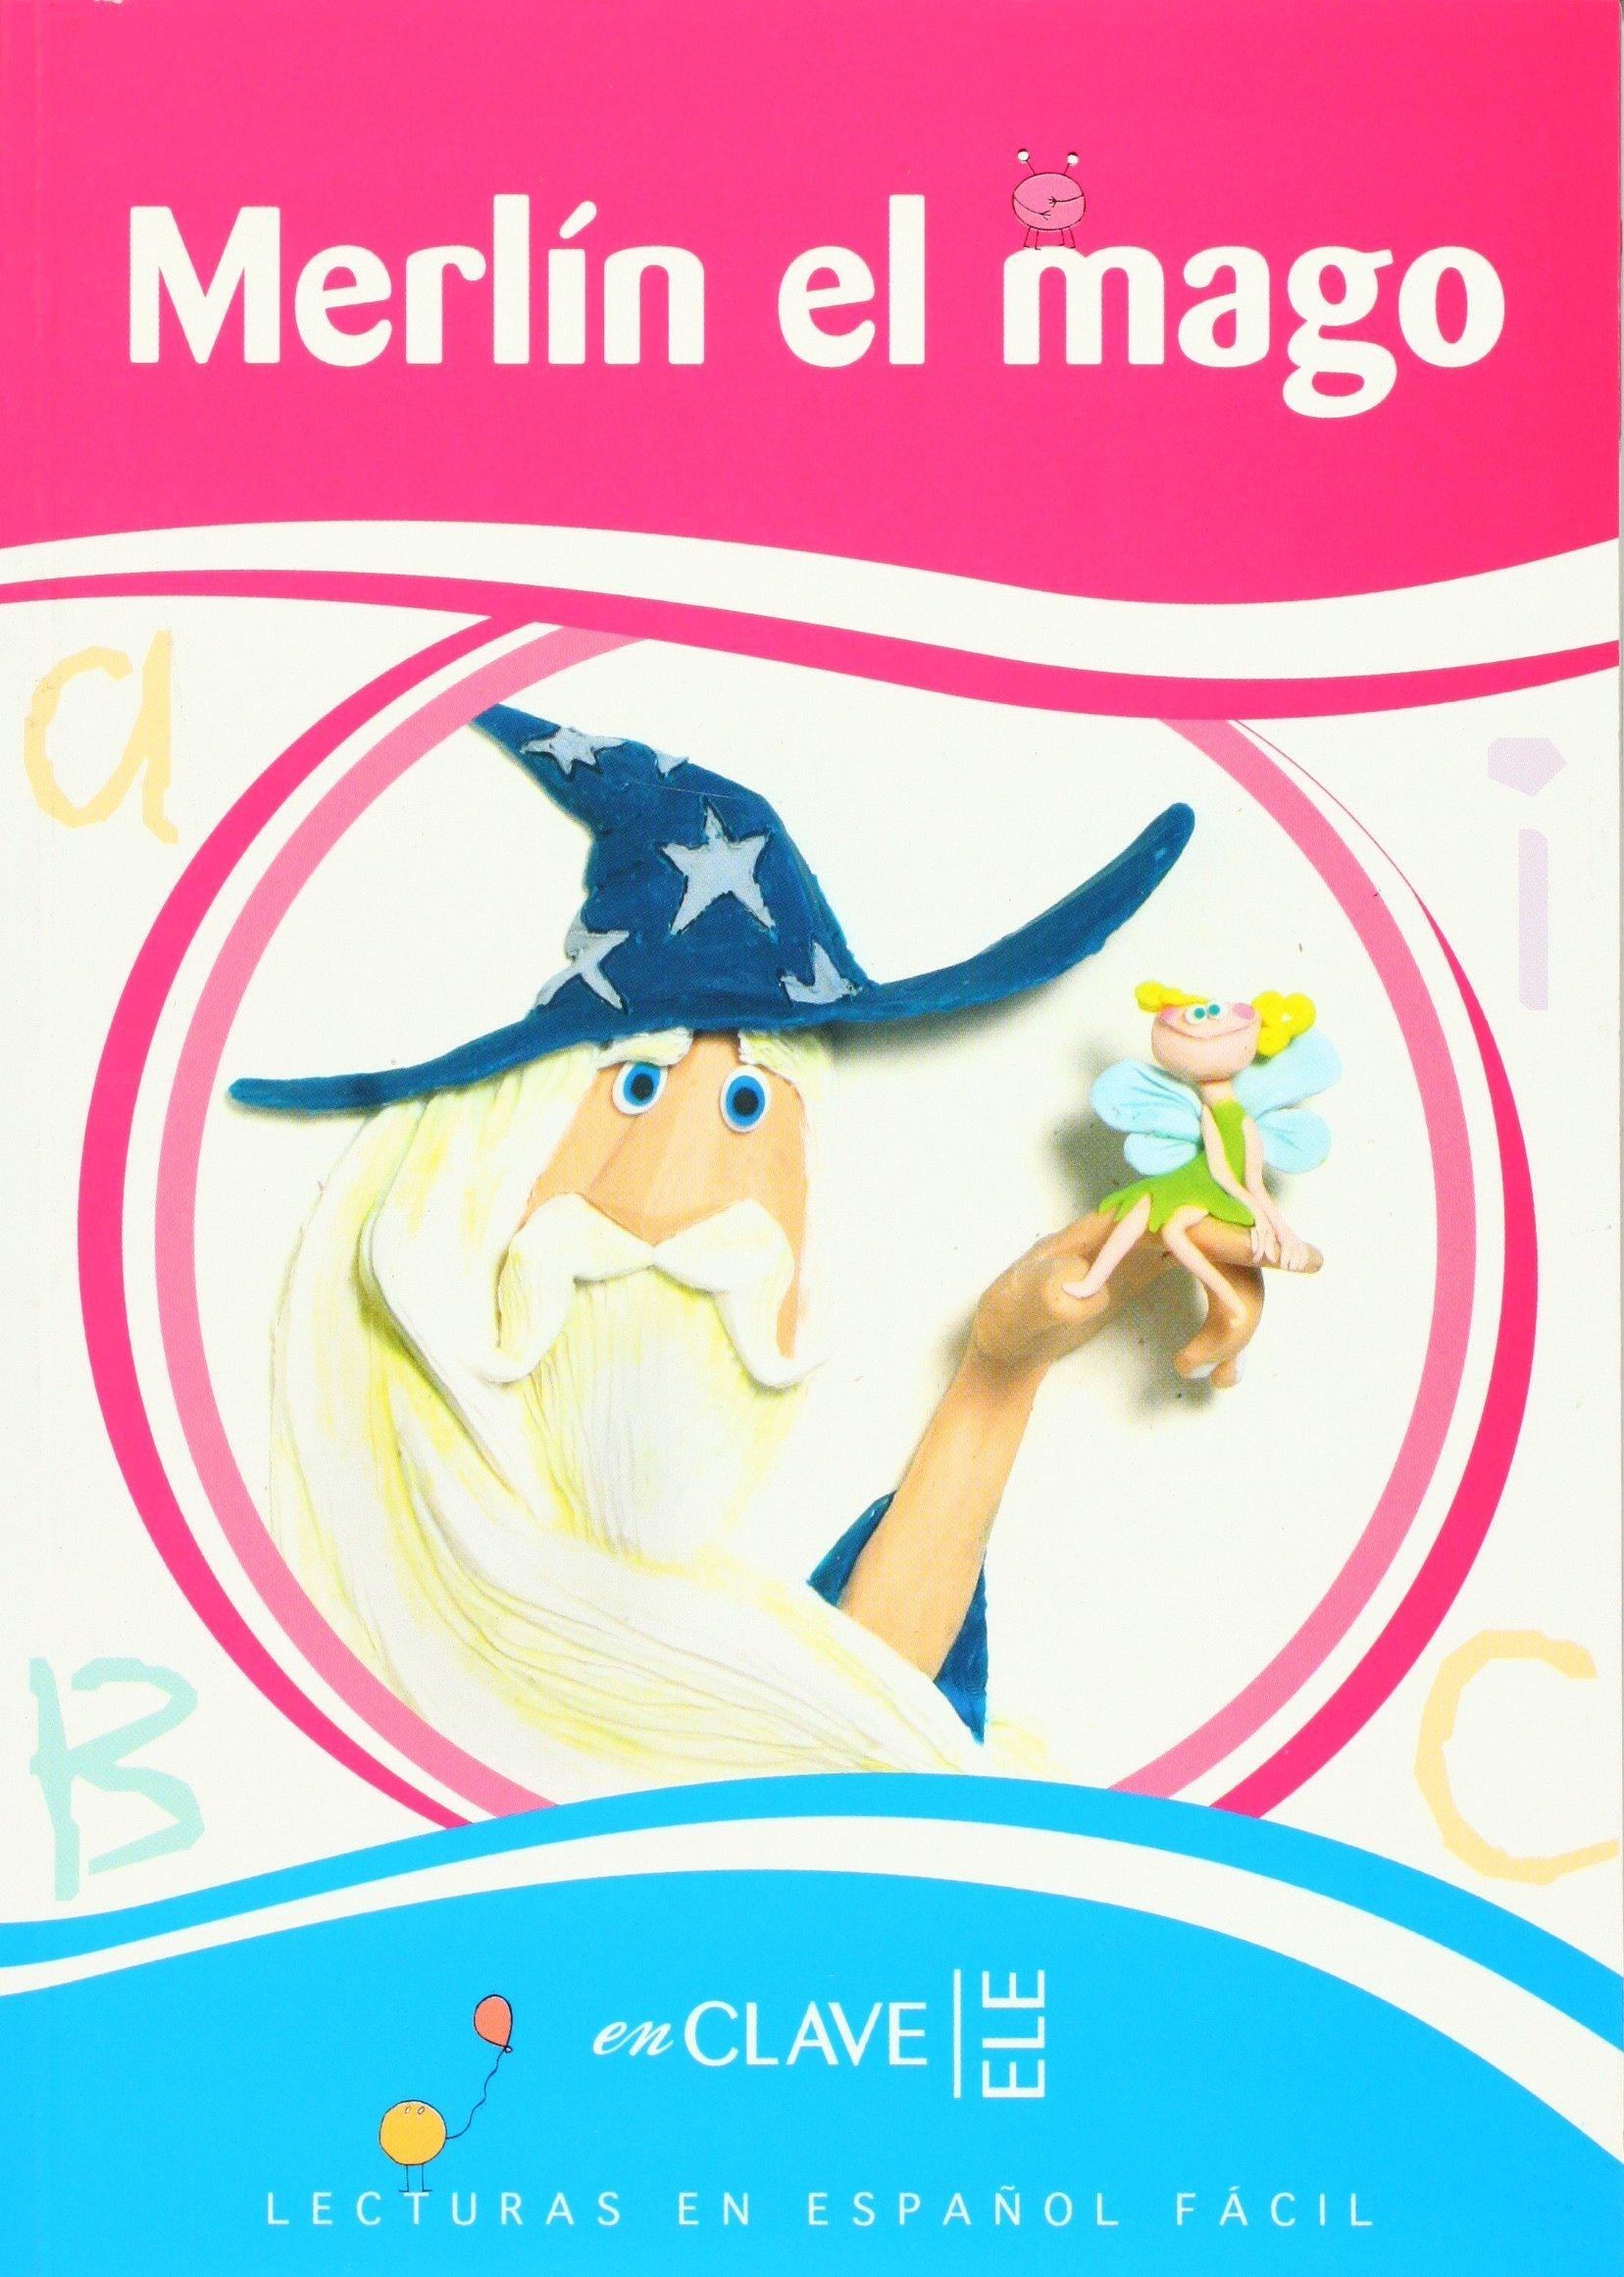 Lecturas Ninos. El mago Merlin, Nivel A2 (Spanish Edition) ebook